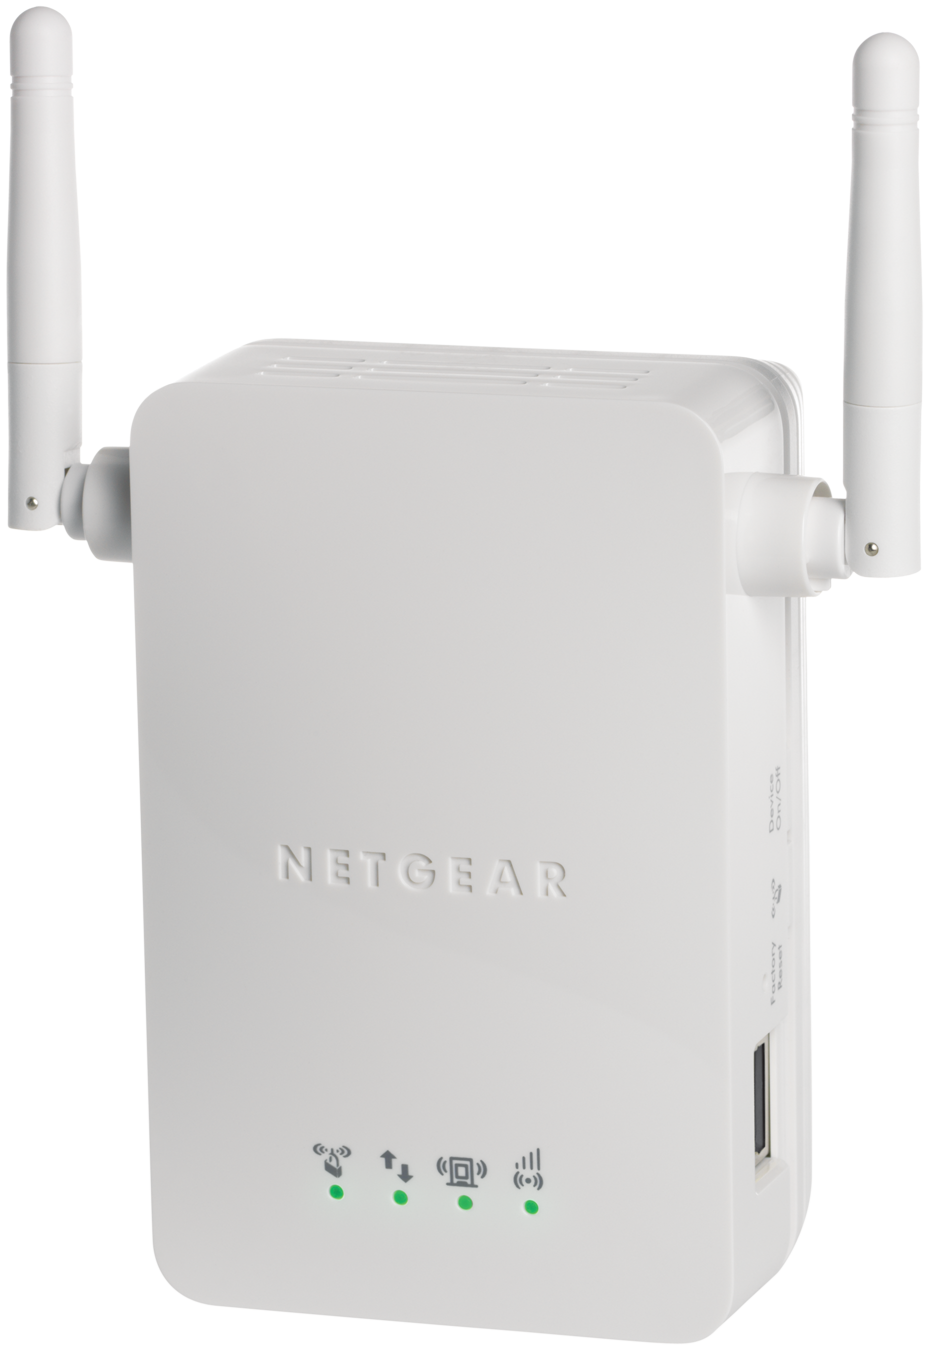 NETGEAR N300 WiFi Range Extender, Wall-Plug, 1-port Fast Ethernet (WN3000RP) by NETGEAR